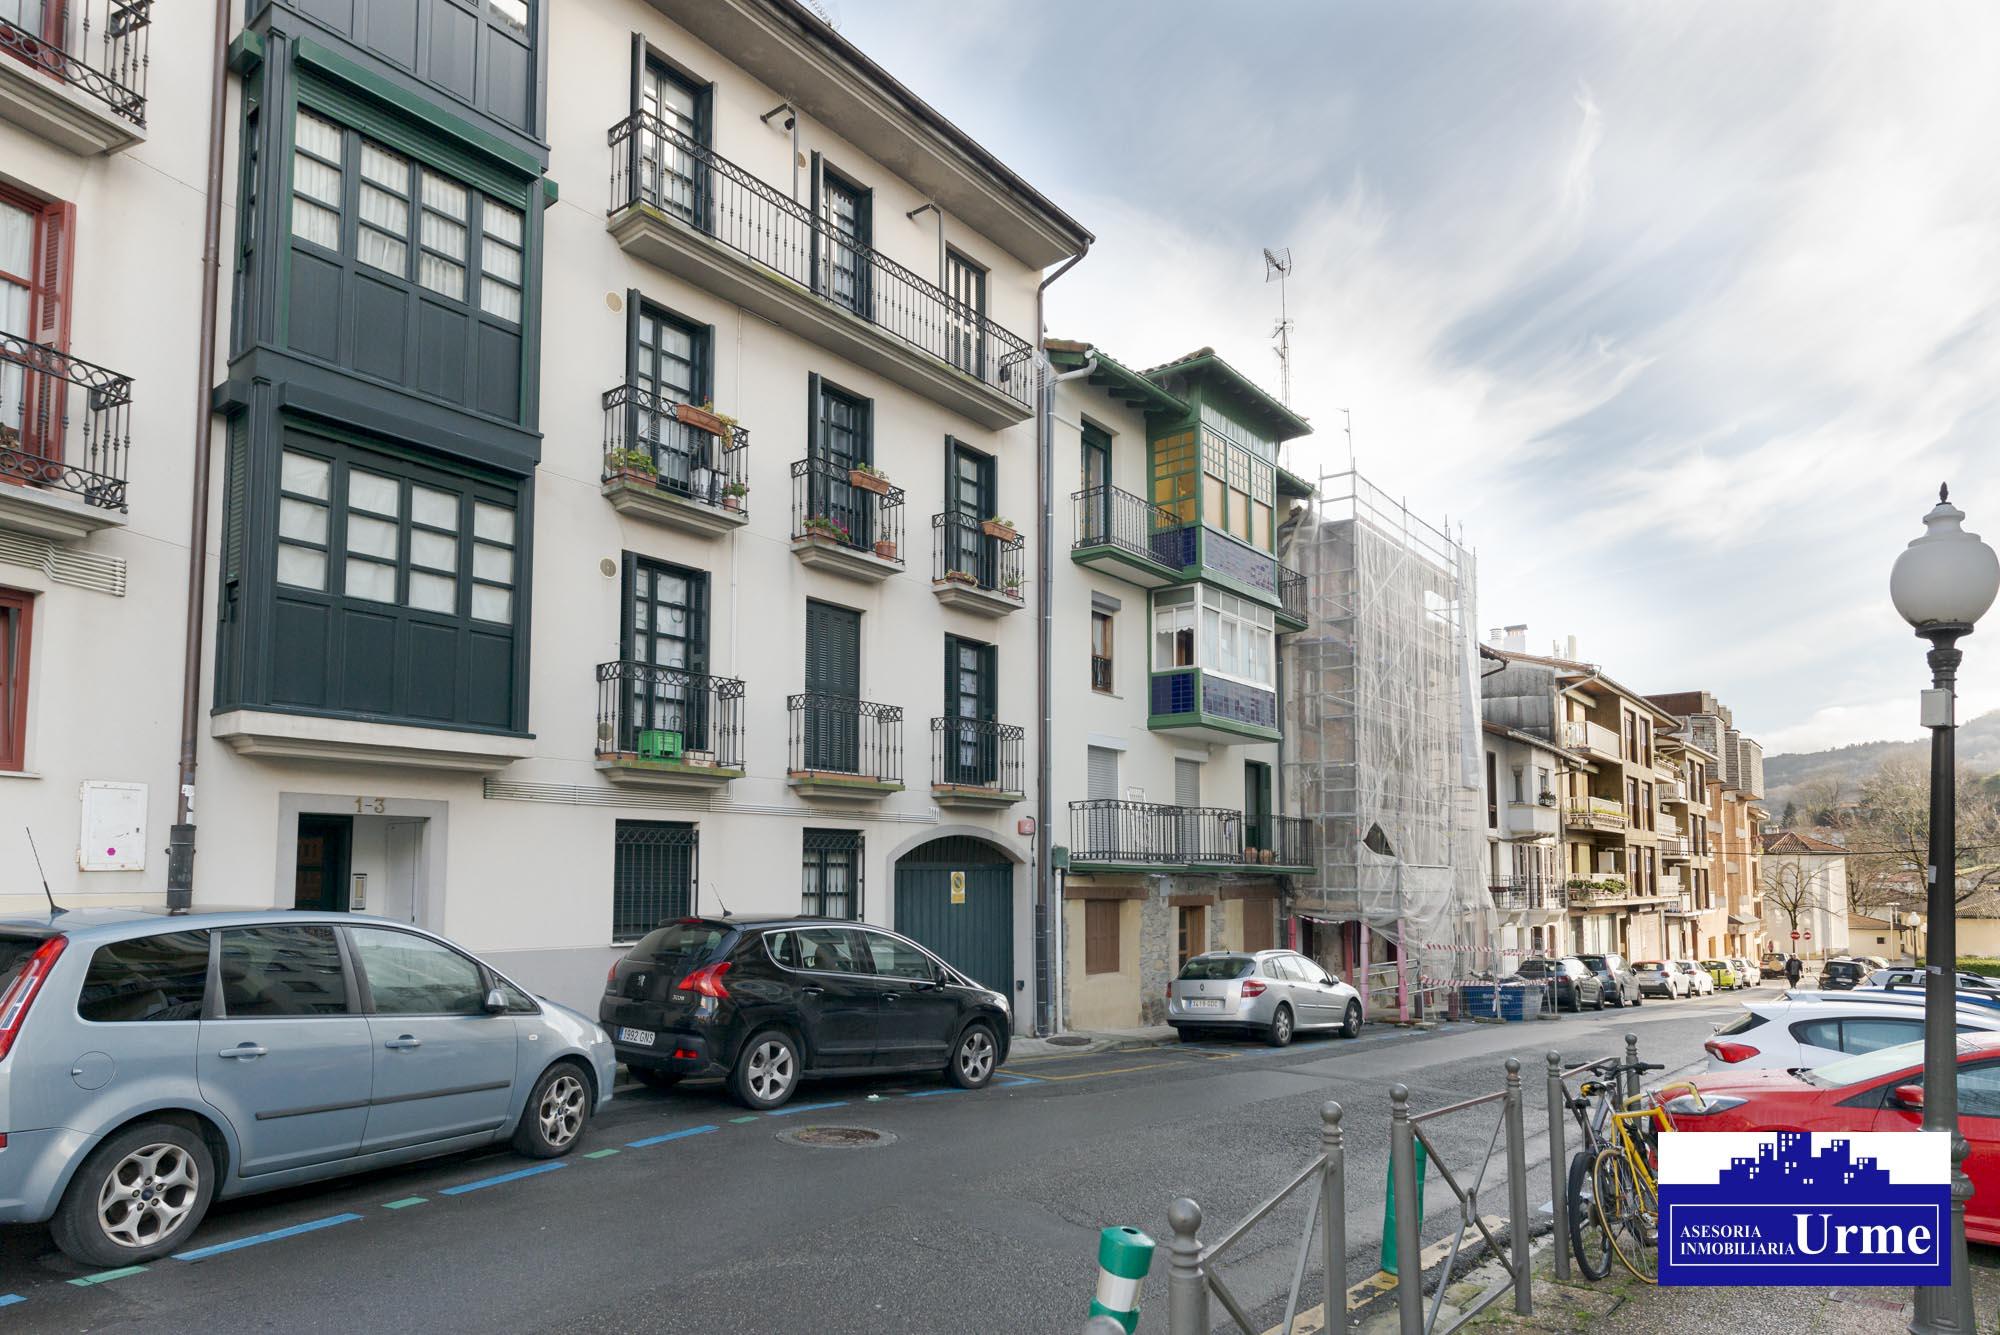 Estupendo Duplex de 95m2,en el centro, con garaje cerrado en el edificio.Un lujo.Informate en inmobiliaria Urme.